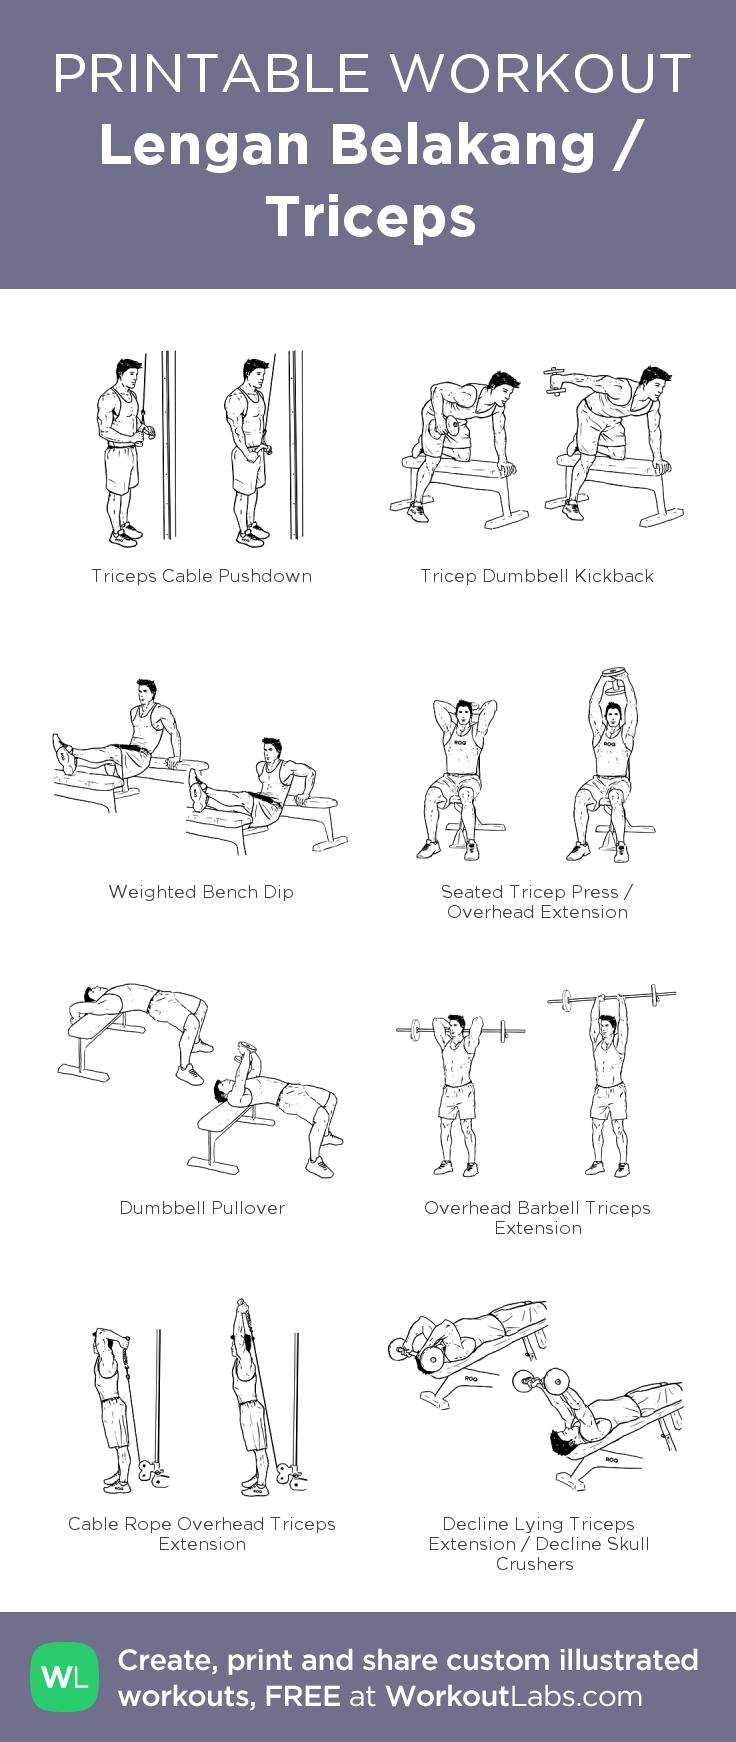 Lengan Belakang / Triceps · WorkoutLabs Fit